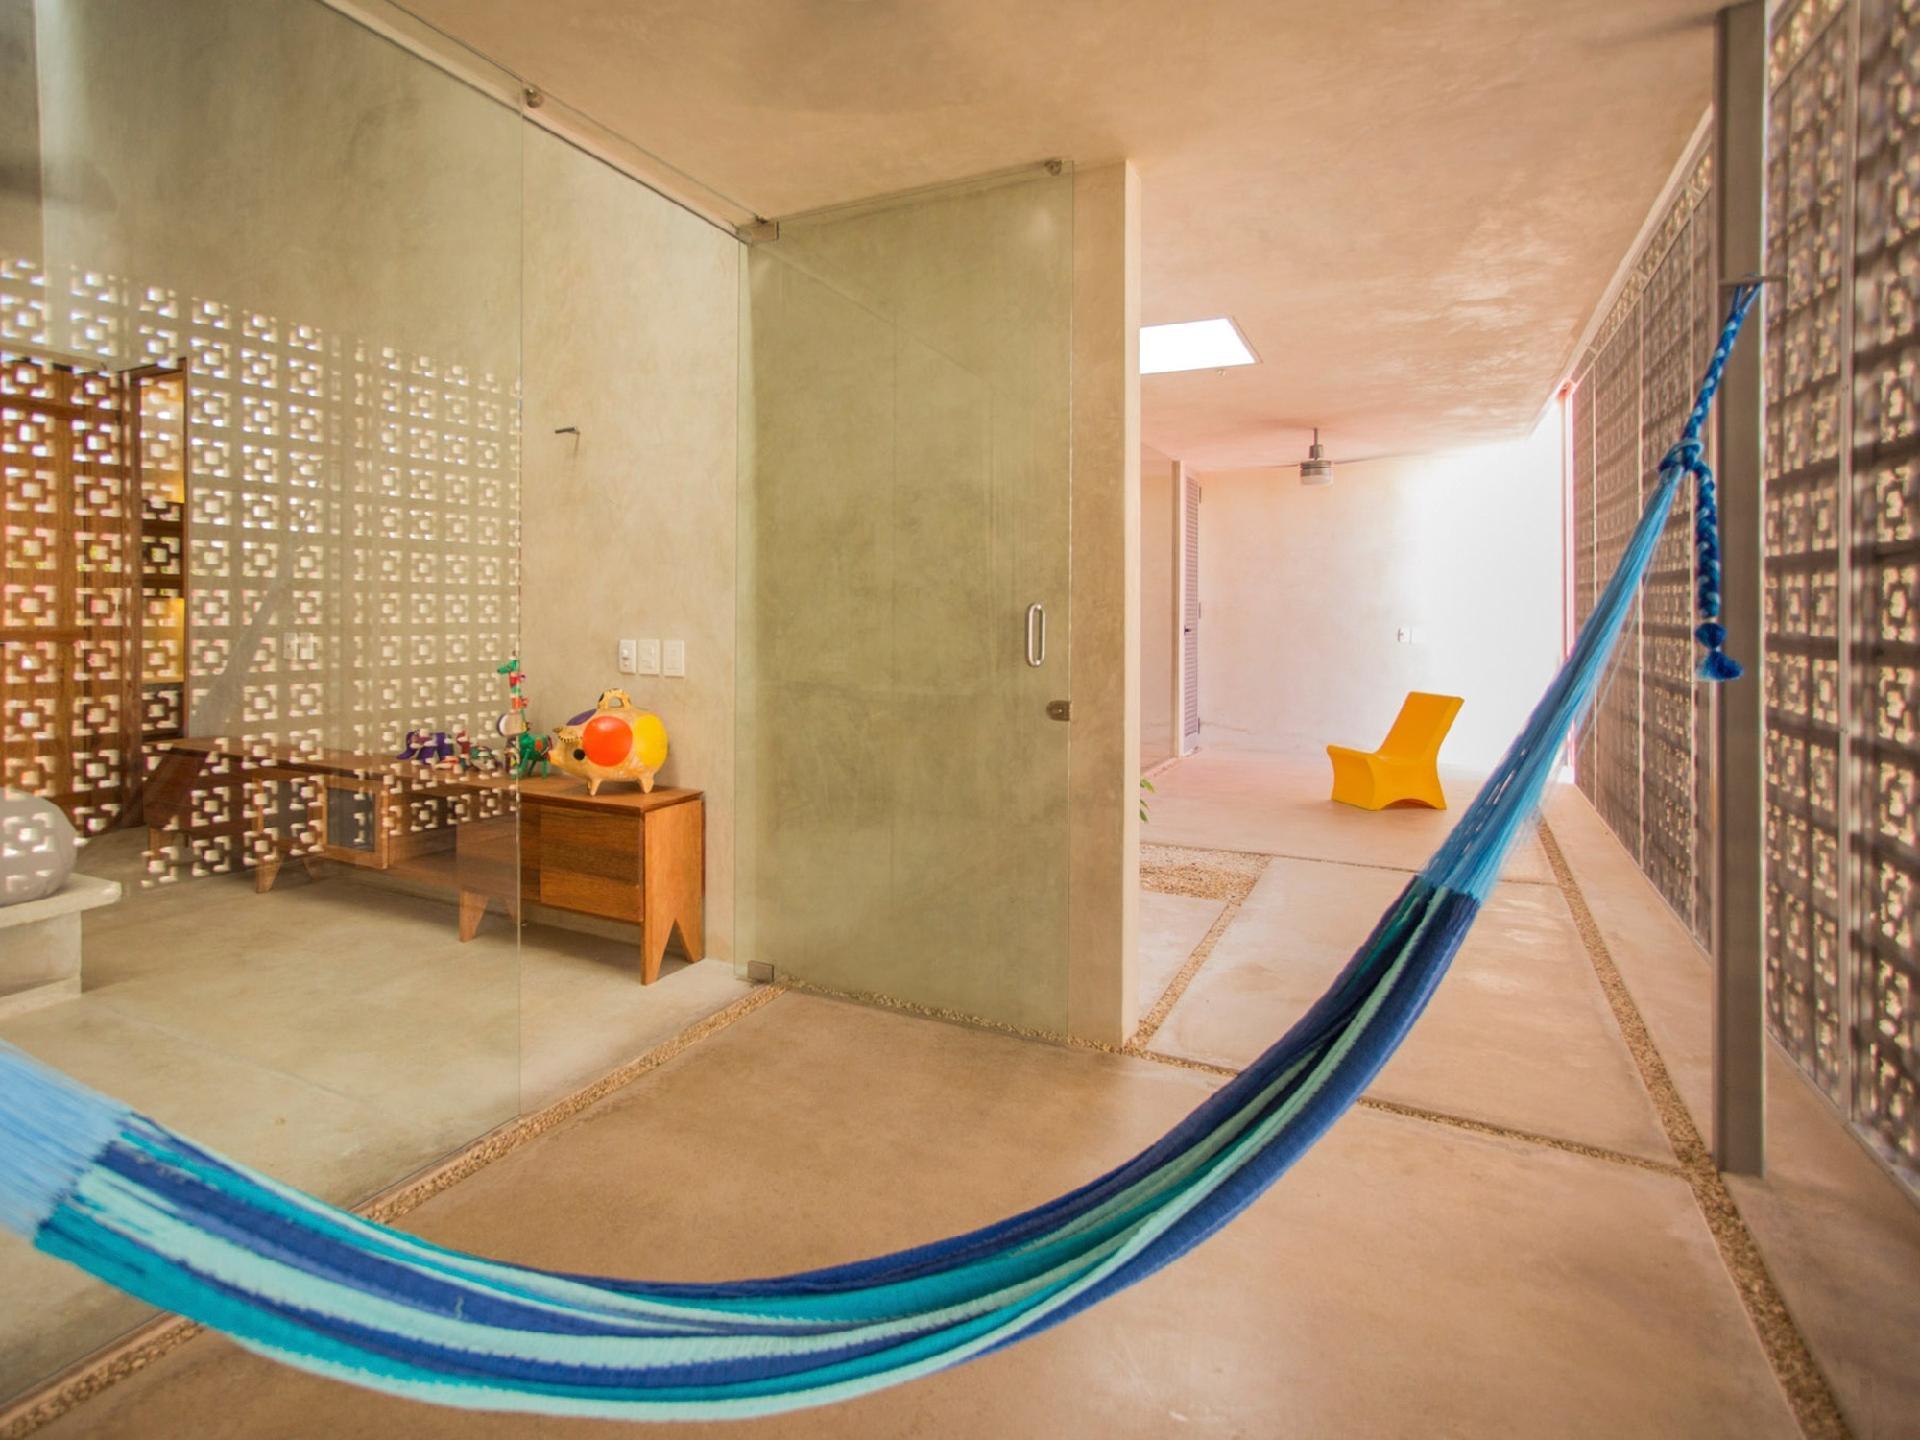 A varanda atende o dormitório e se estende até a área de convivência, que integra cozinha e salas de estar e jantar. Este pátio interno é separado do terraço por uma parede de cobogós. Ao fundo, uma cadeira amarela (DEC Design) foi escolhida pelo escritório Taco - Taller de Arquitectura Contextual, que assina os interiores e a arquitetura da casa Gabriela, no México